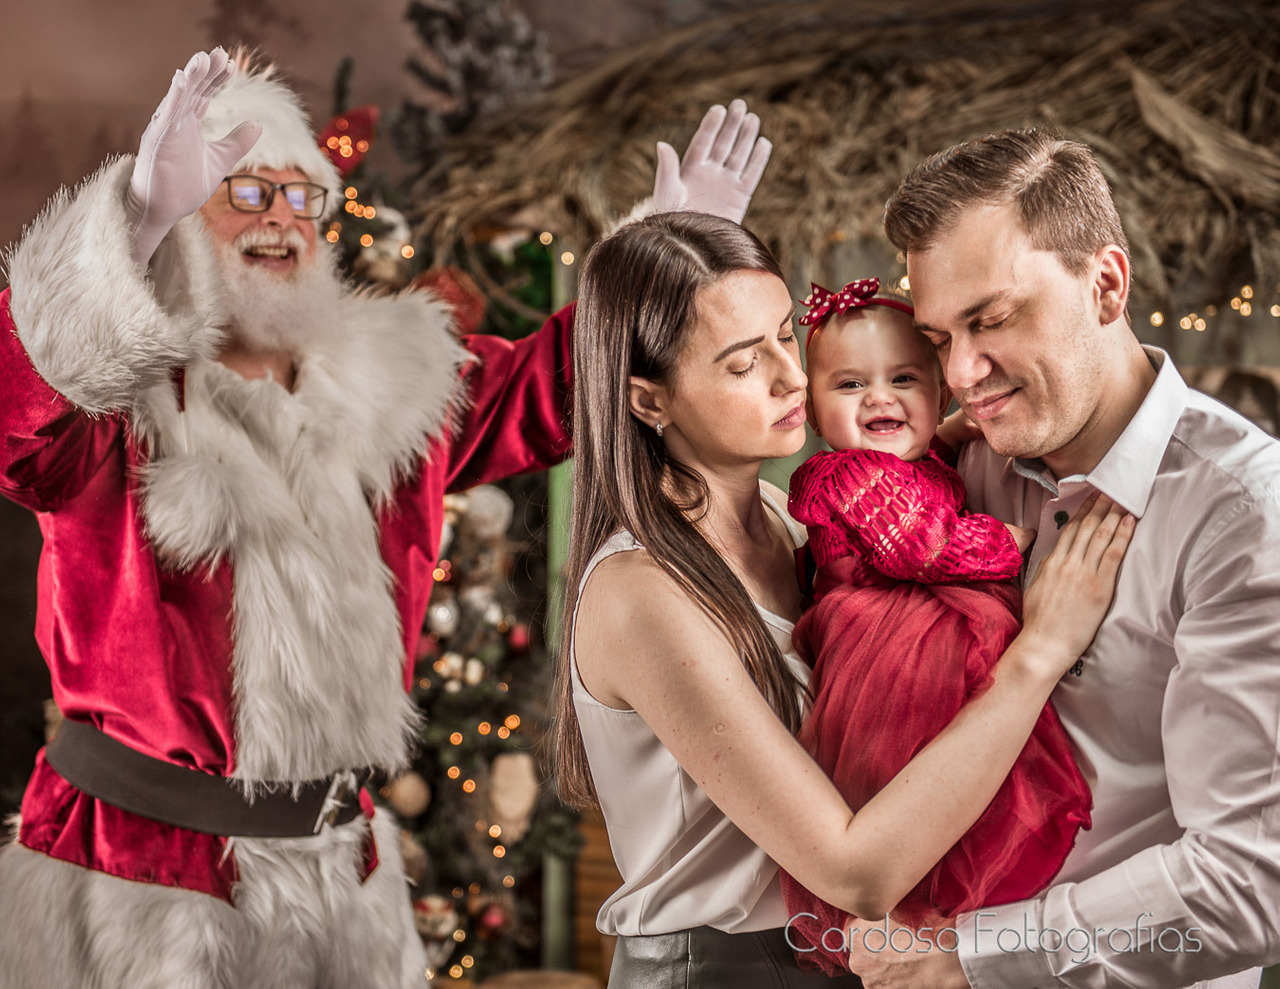 presente de natal família ideias família